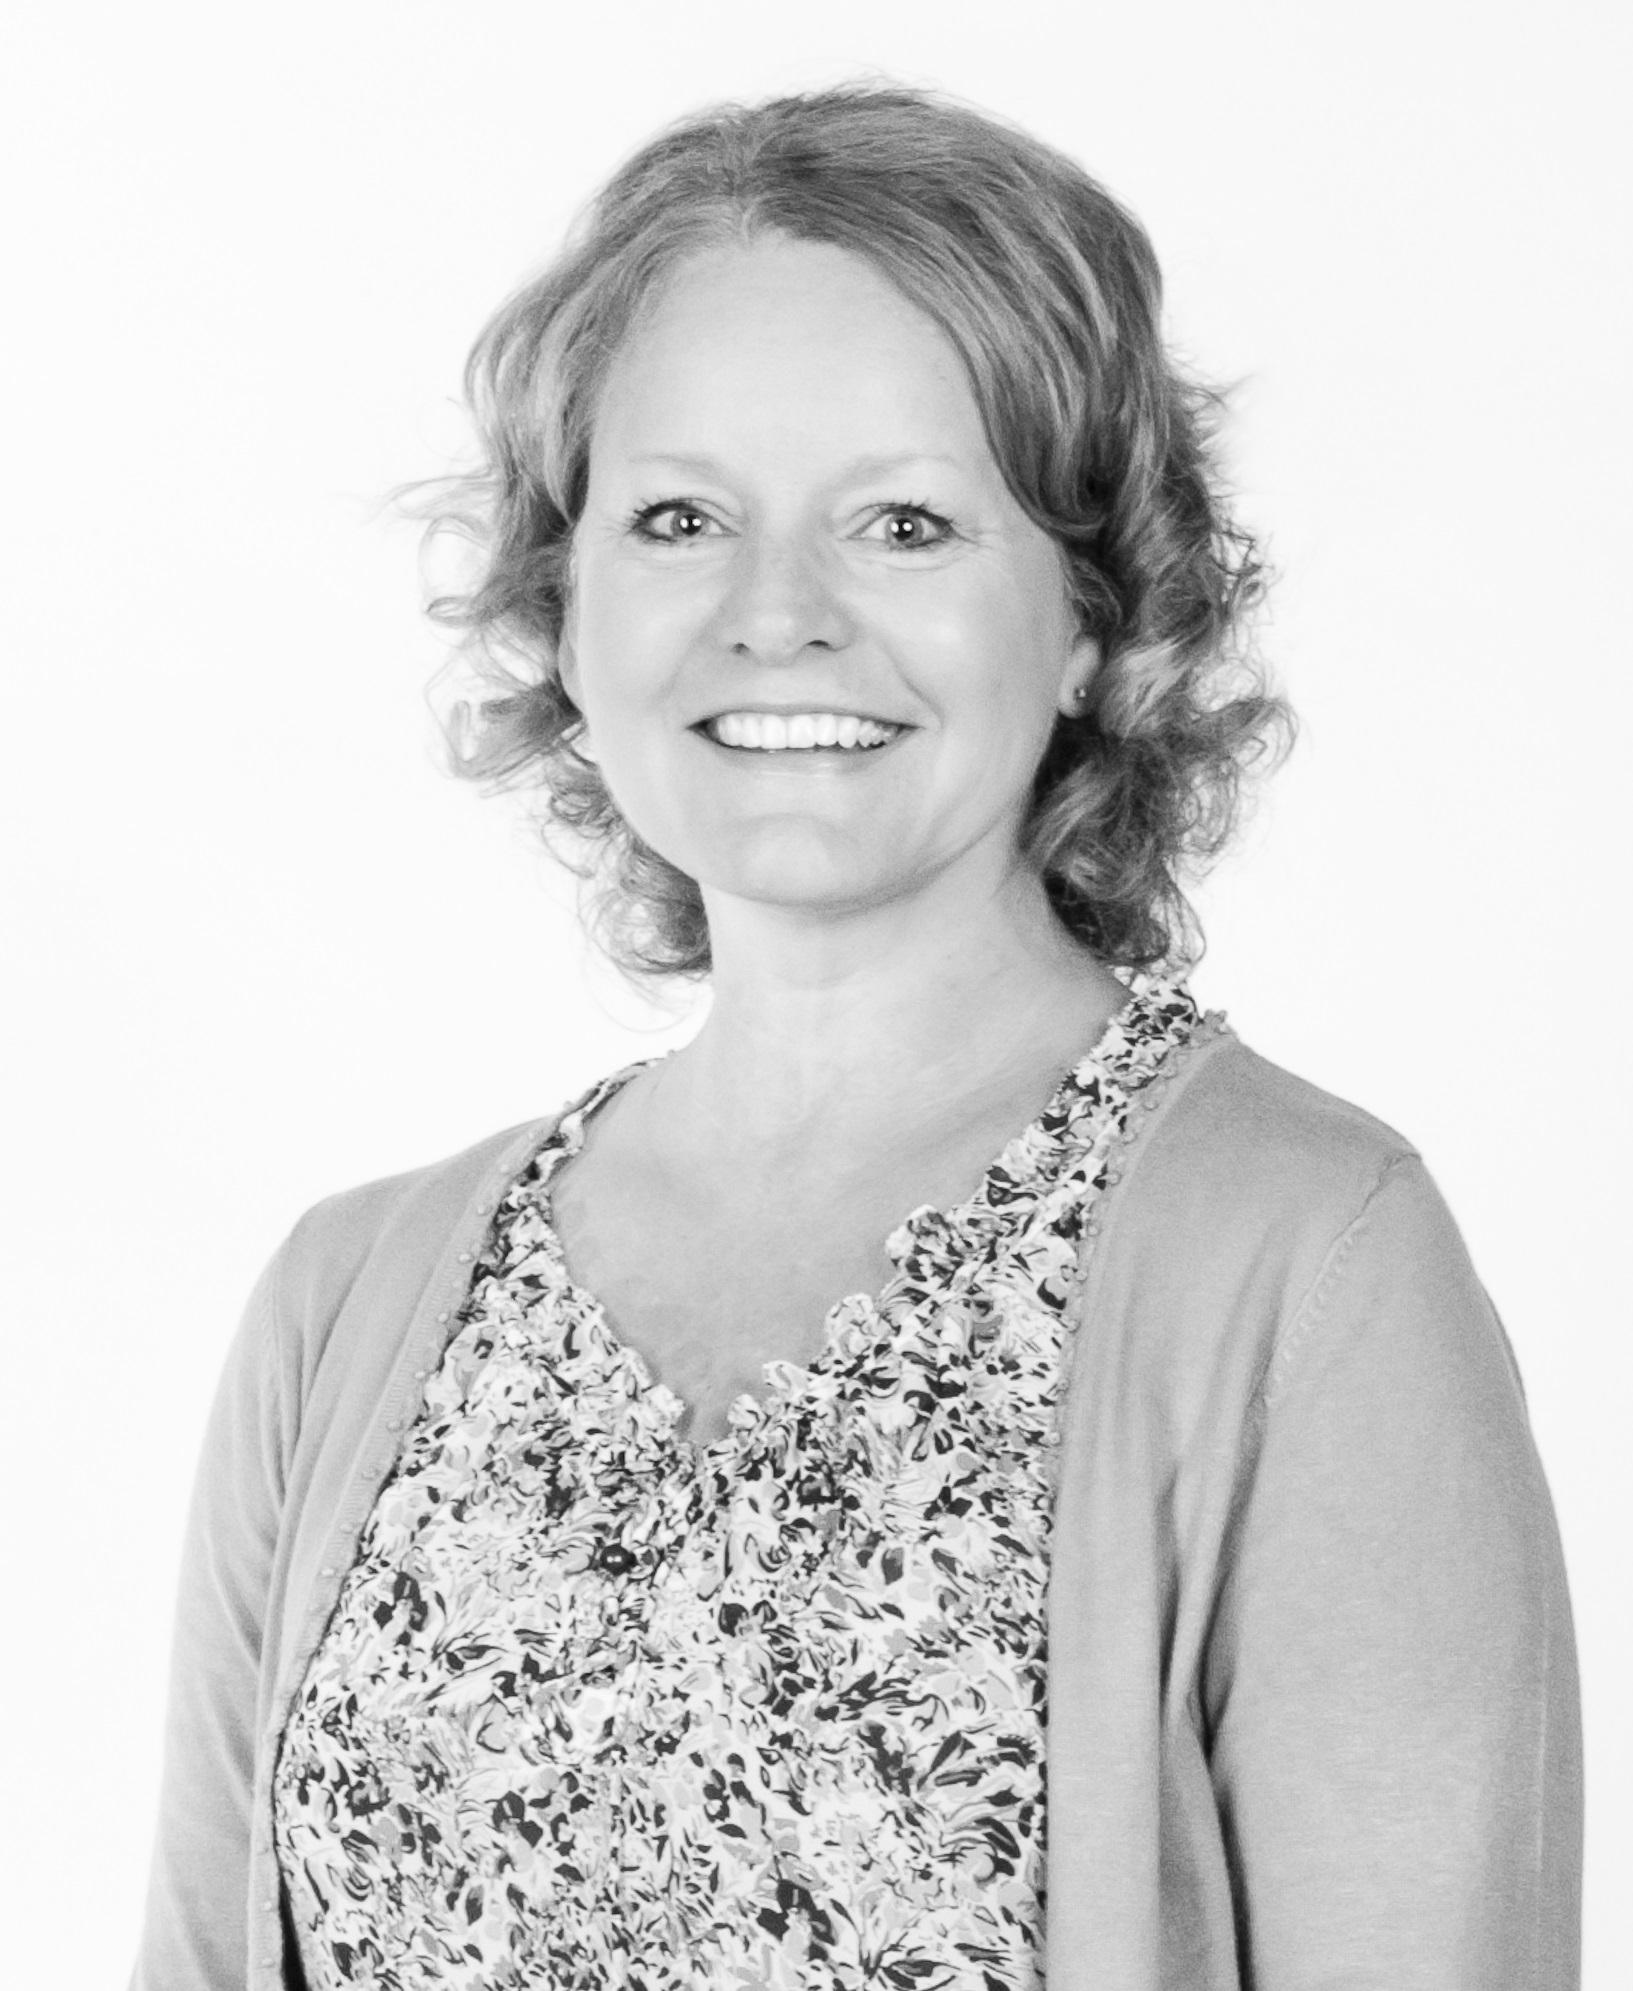 Carol Kowalski, Assistant